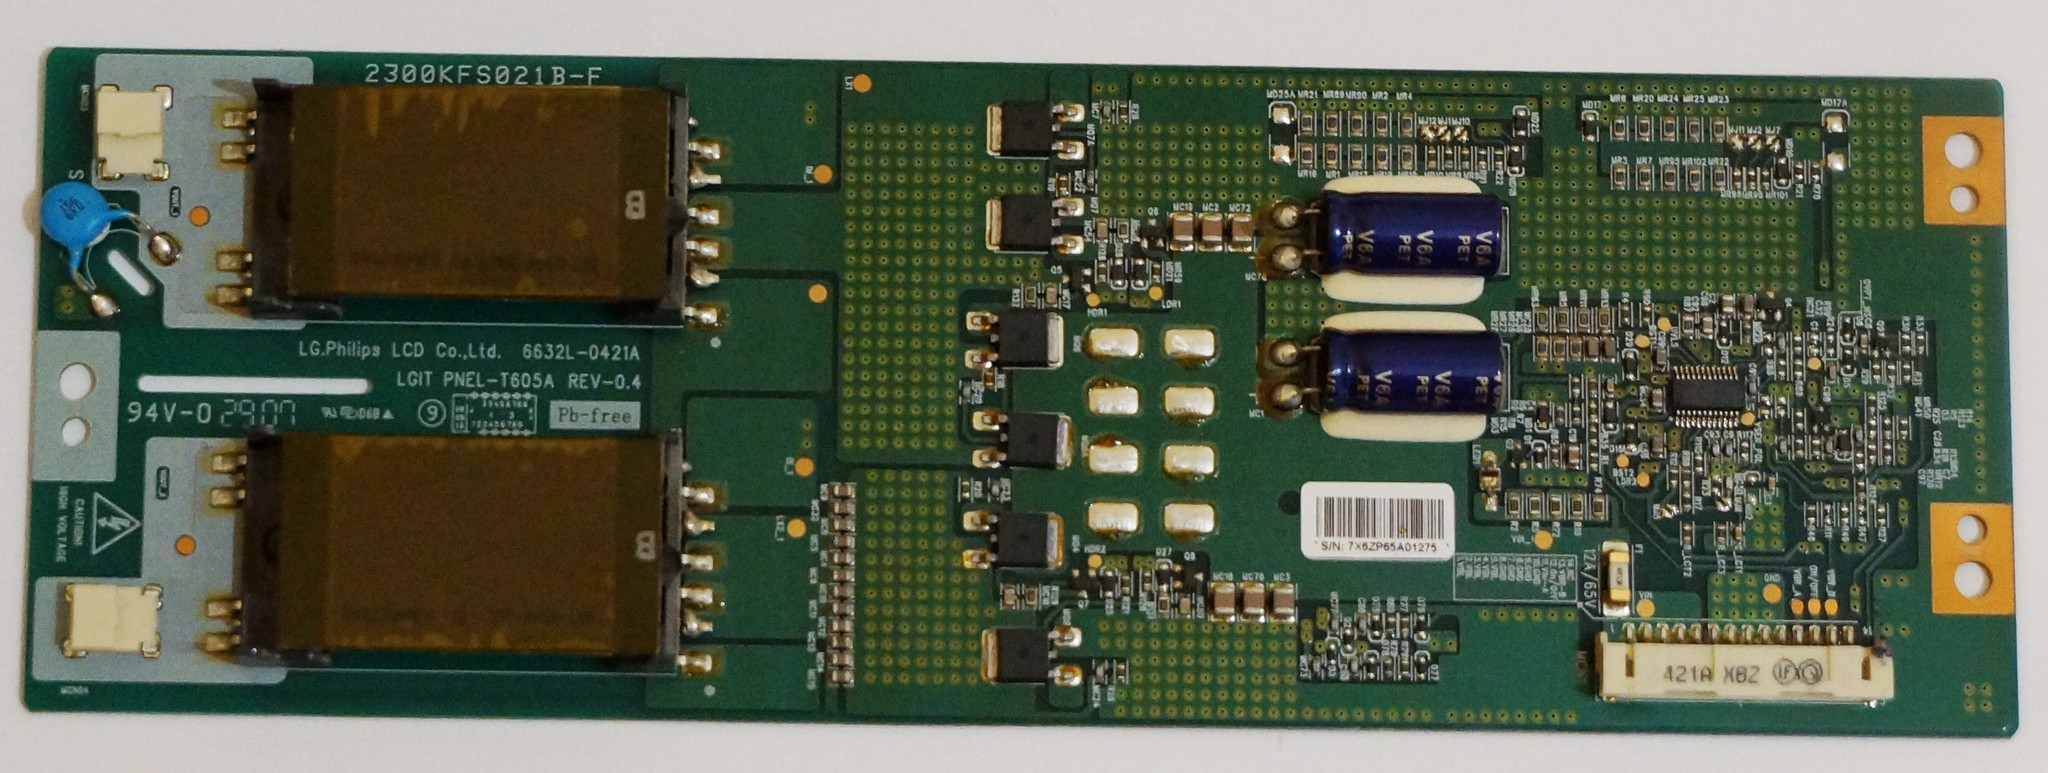 2300KFS021B-F 6632L-0421A